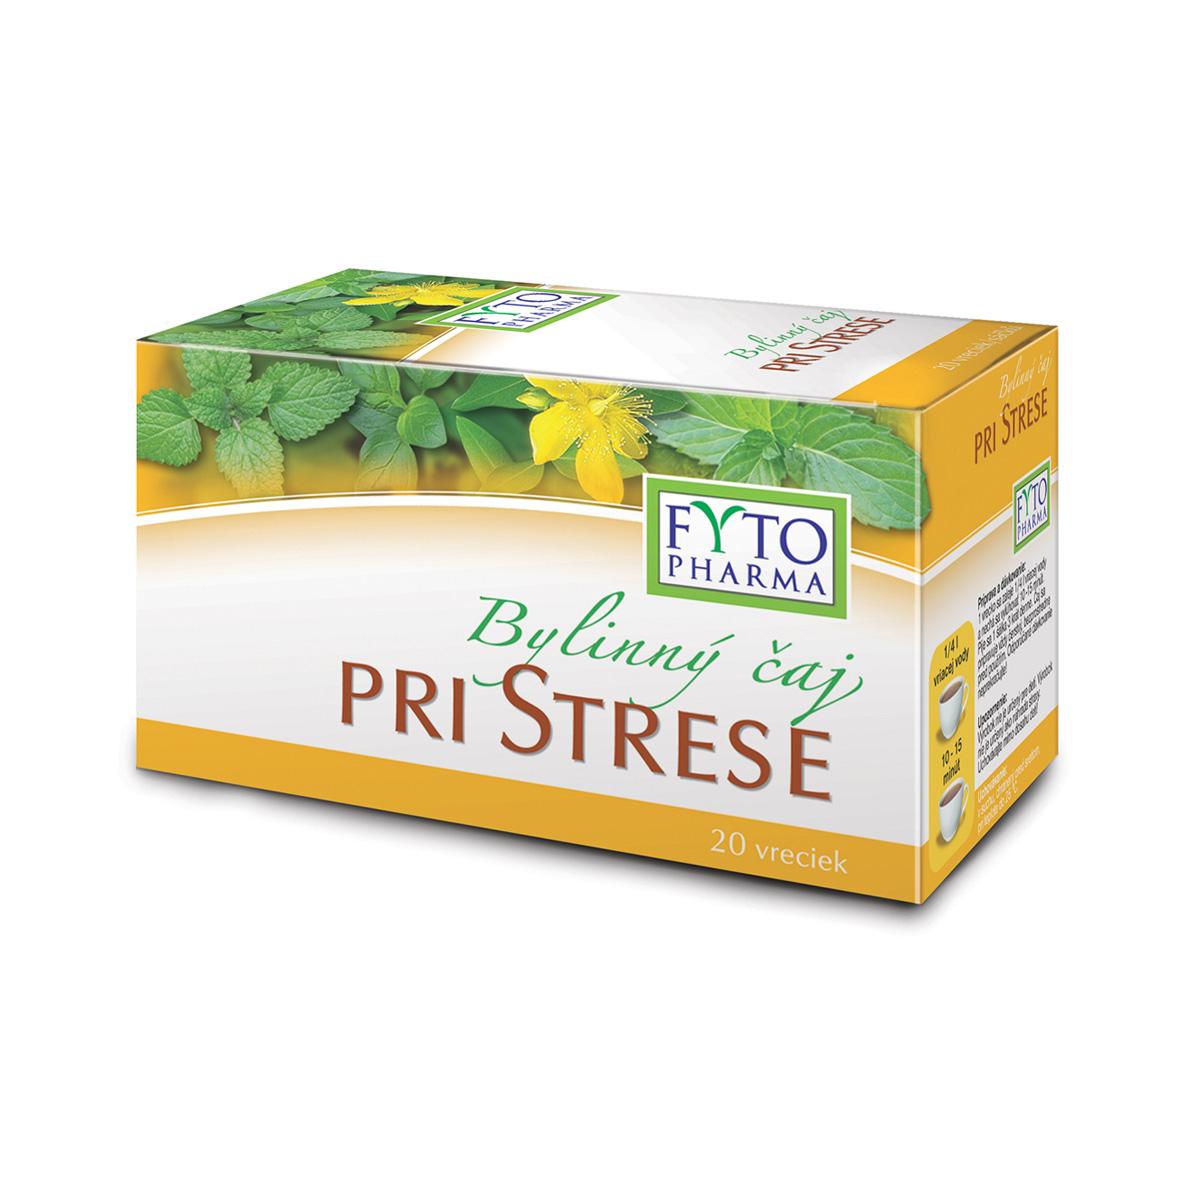 Fytopharma Bylinný čaj při stresu 20 x 1 g